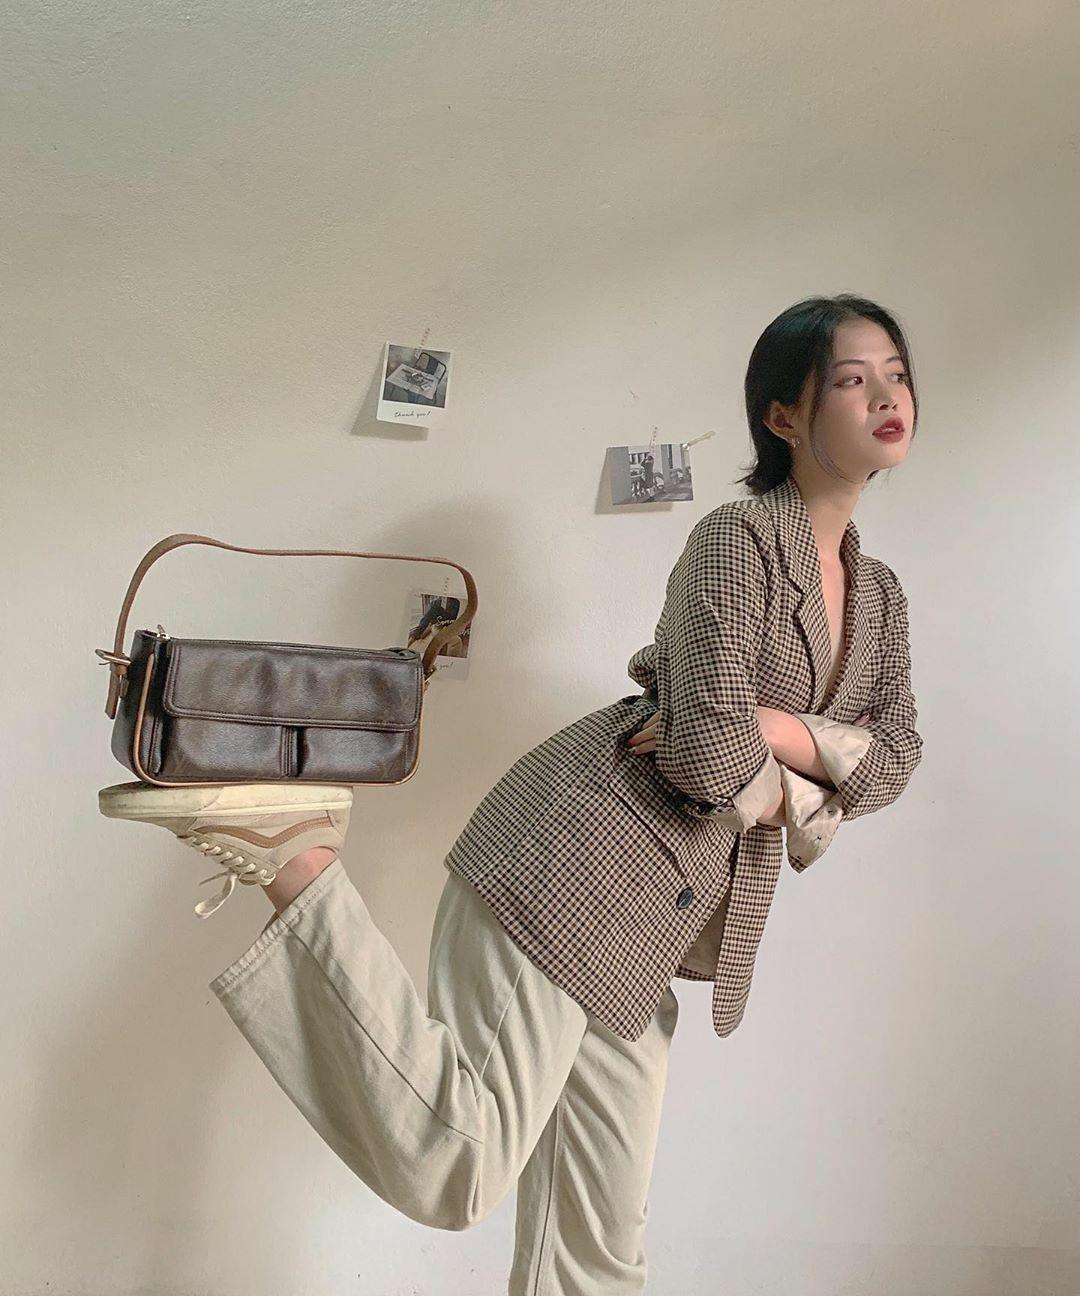 Nhiều cô gái Việt cũng bắt đầu hưởng ứng trào lưu cân bằng thú vị này.